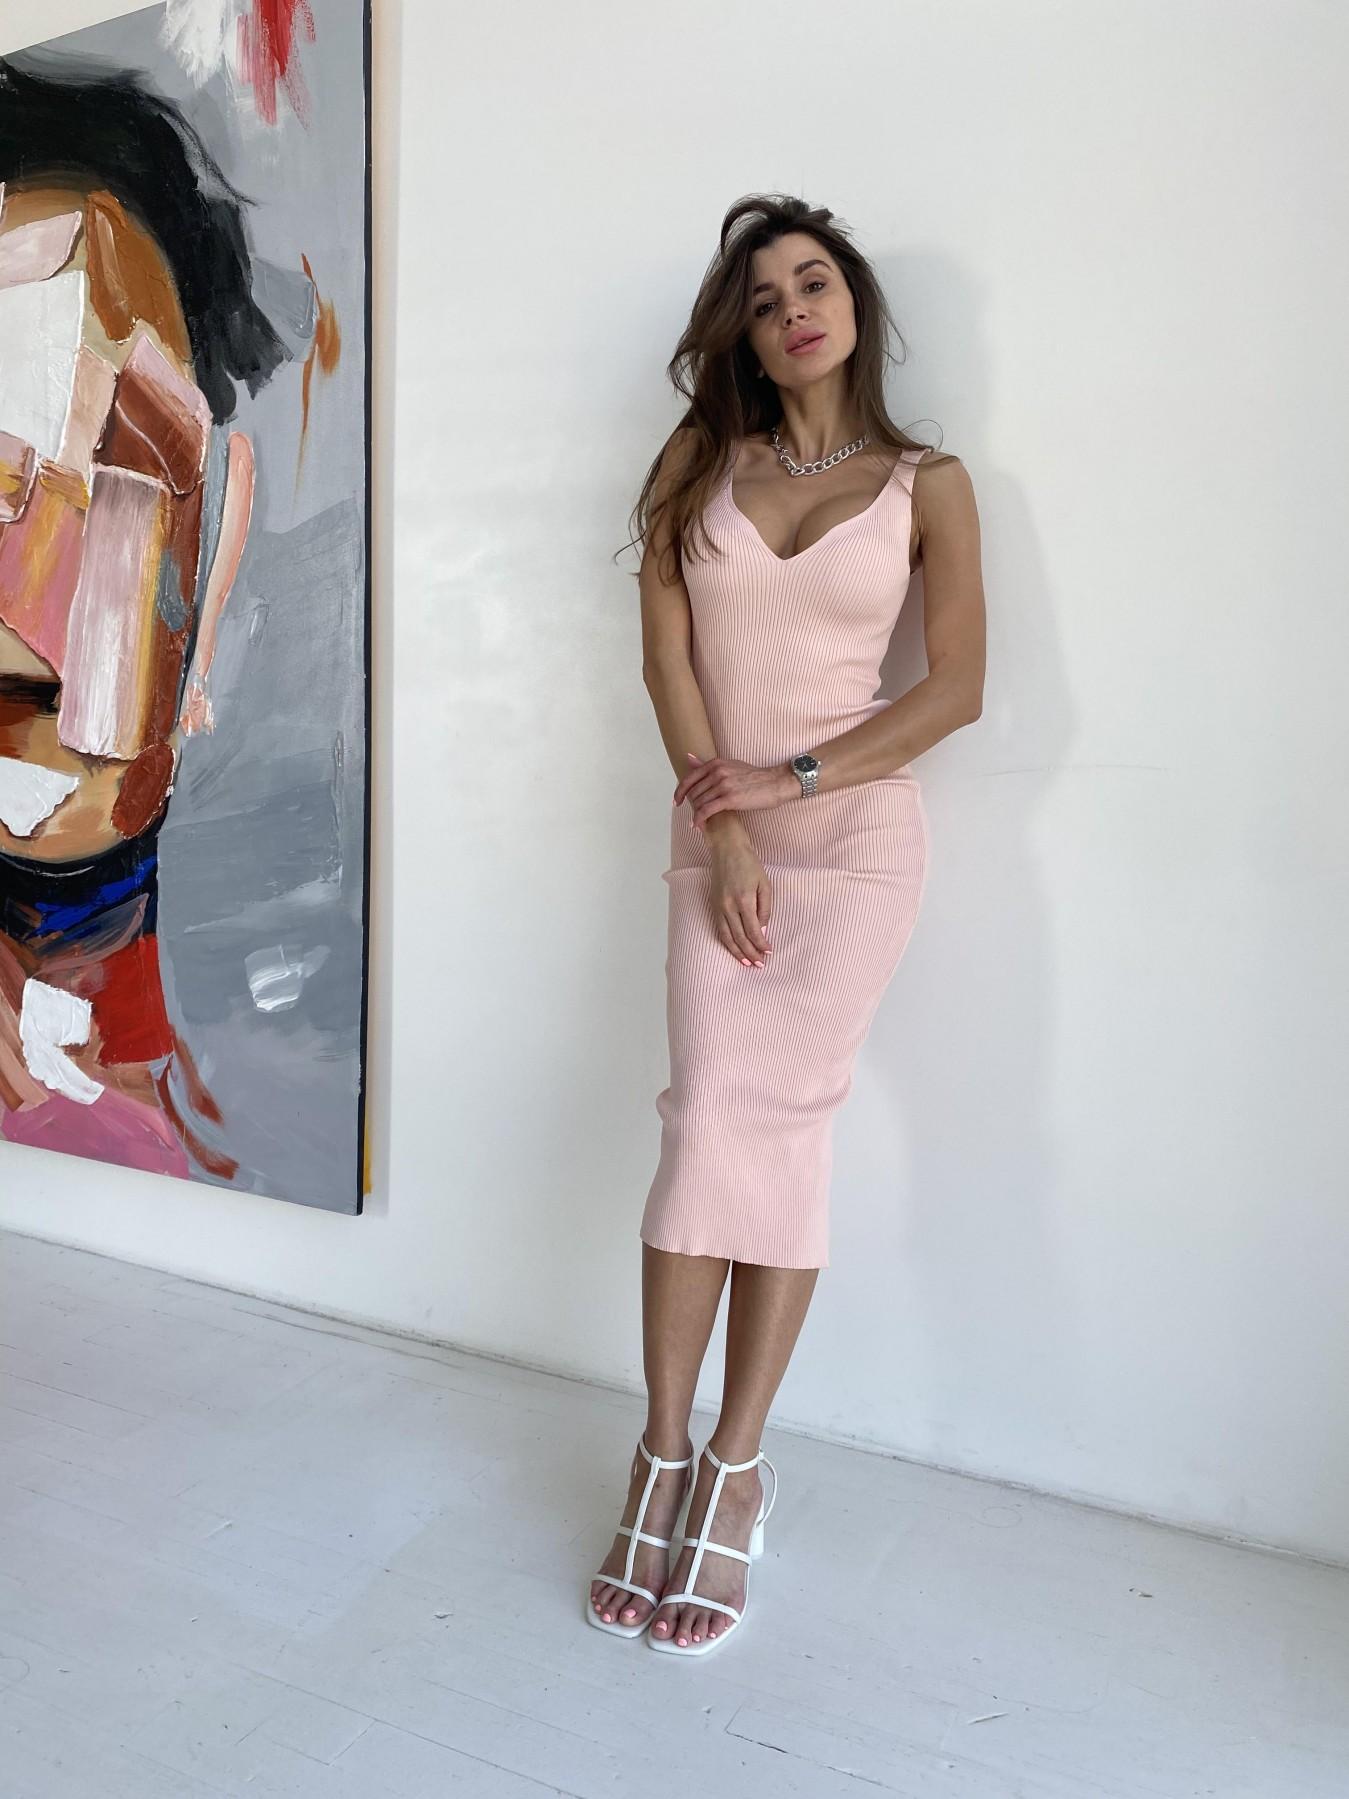 Платье 91798 АРТ. 48060 Цвет: Пудра - фото 2, интернет магазин tm-modus.ru